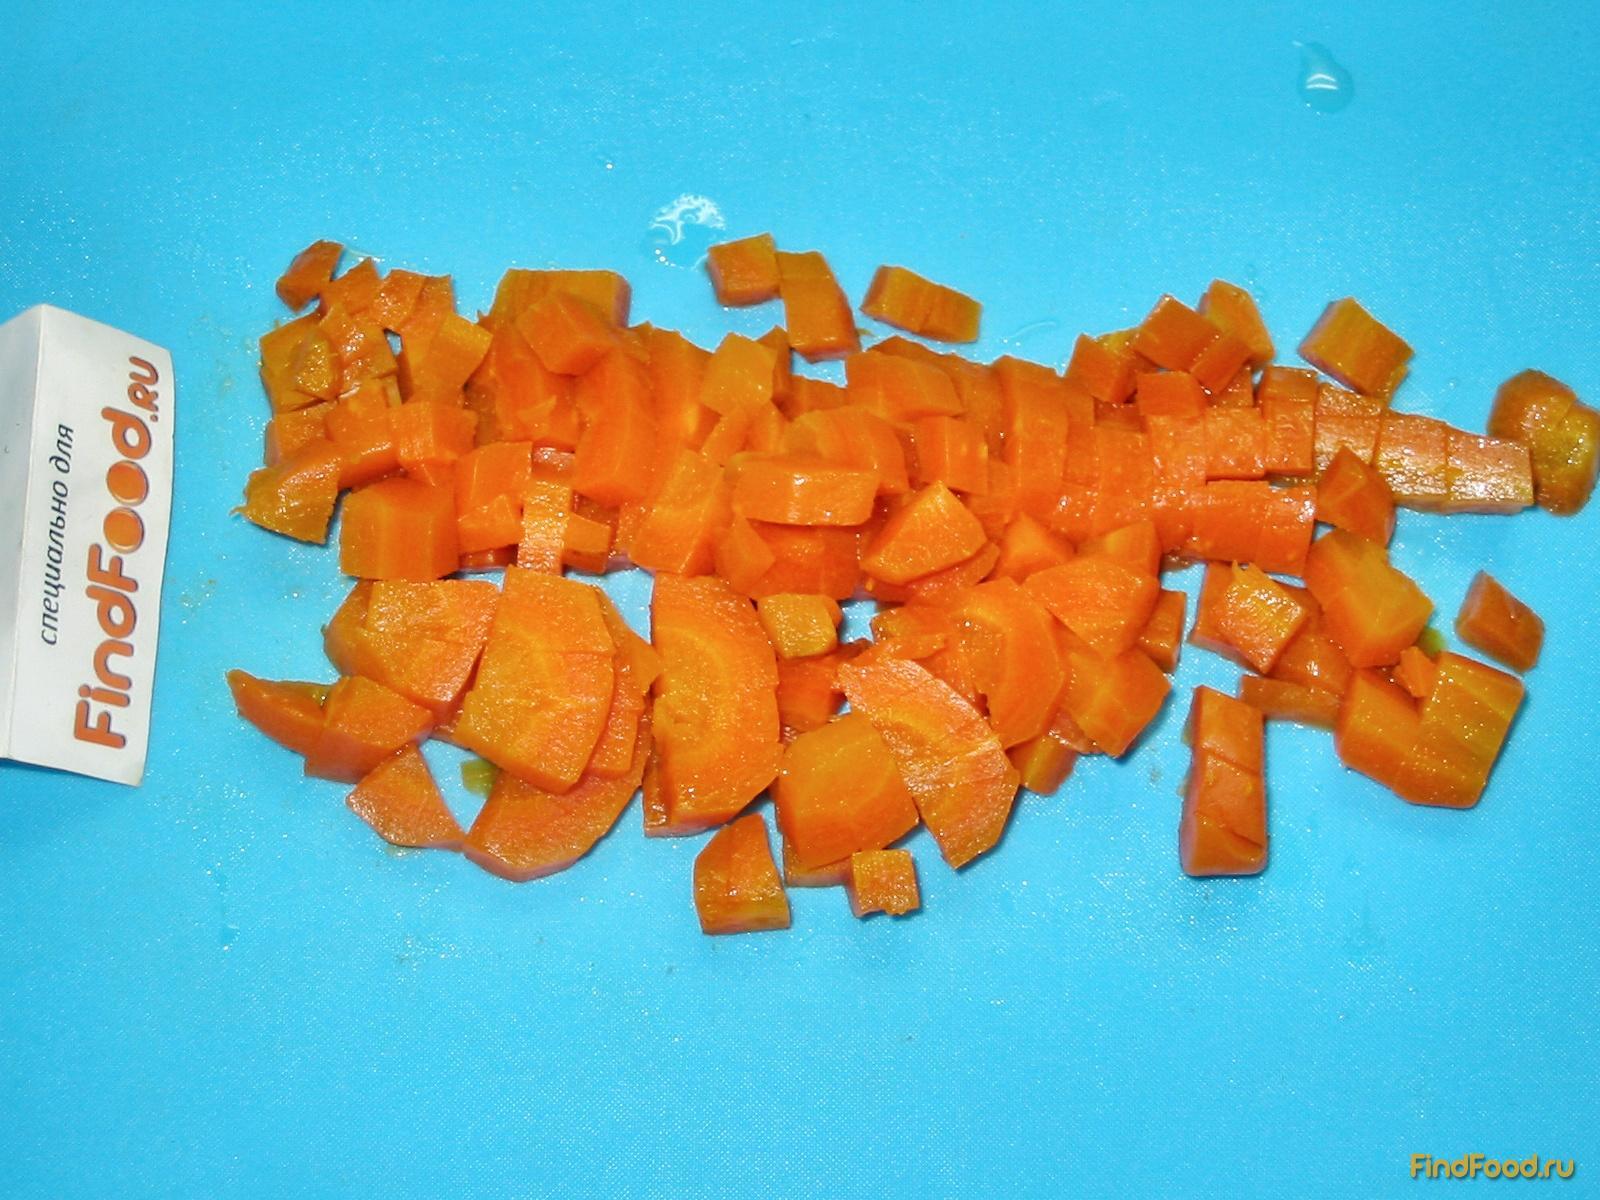 Куриный бульон с вермишелью рецепт с фото 3-го шага